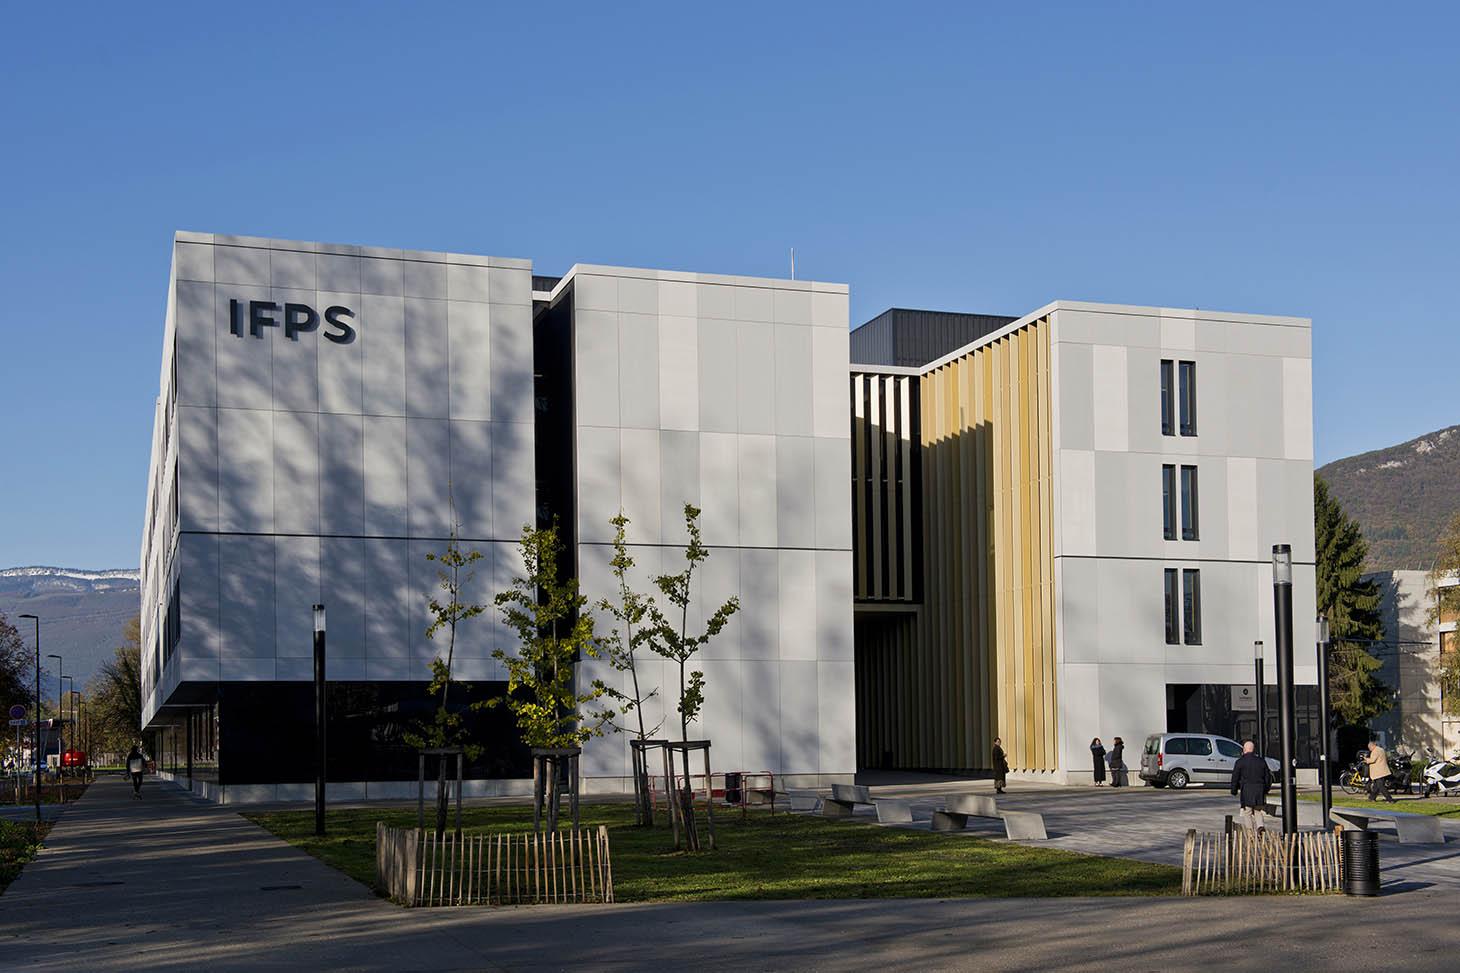 Bâtiment IFPS - © photo : Thierry Morturier